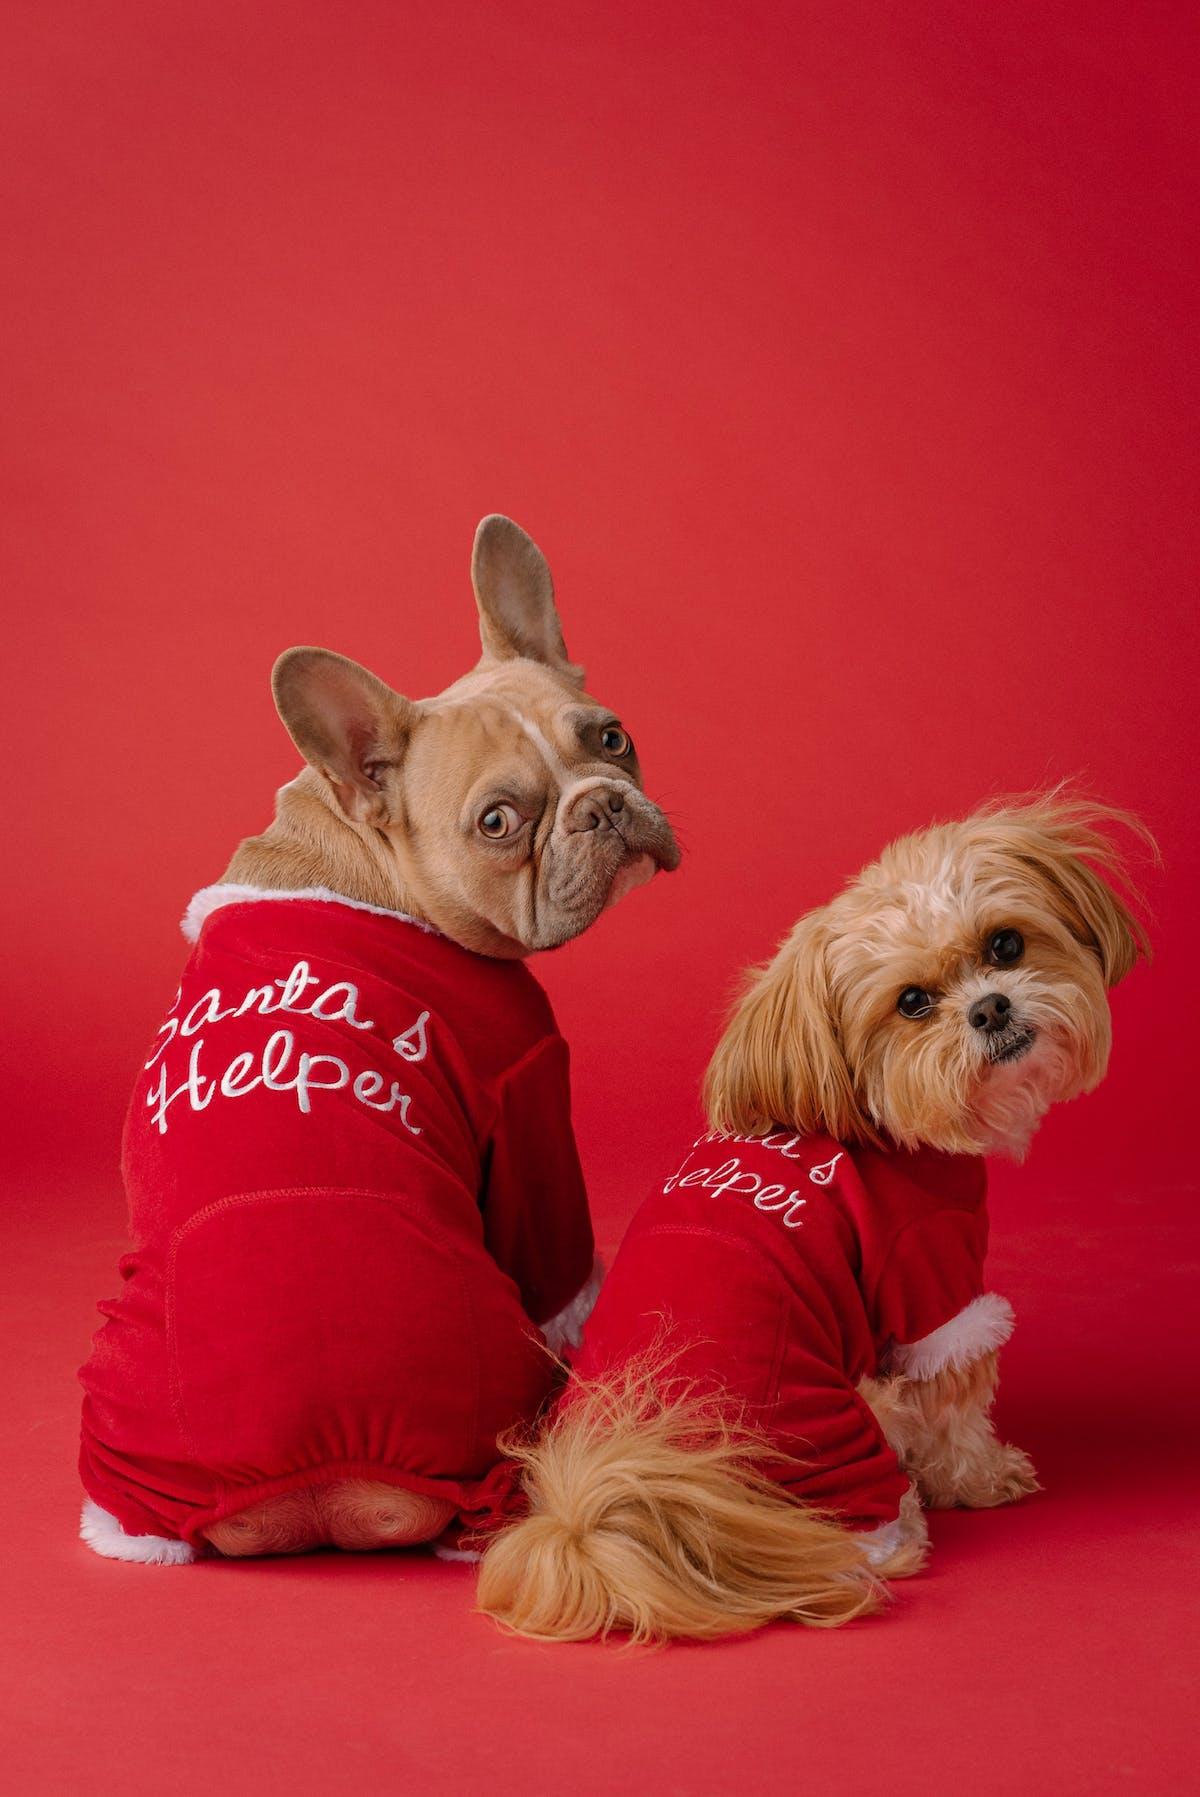 dogs wearing santas helper jackets